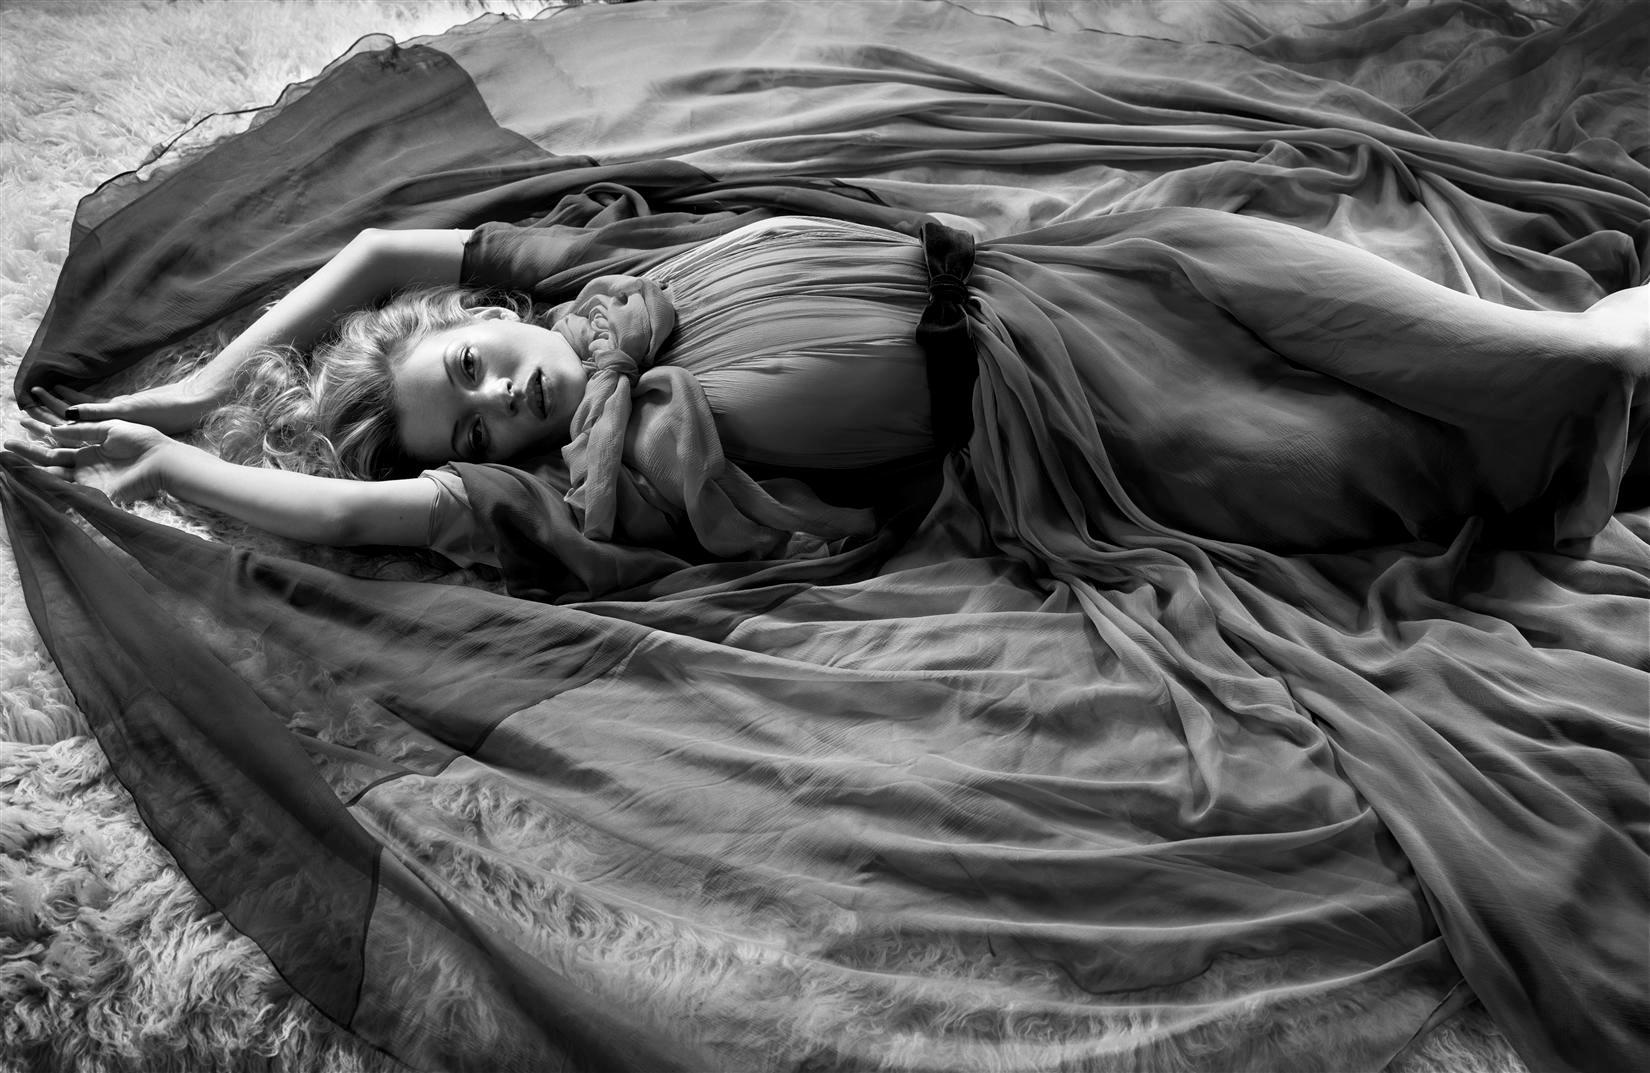 Черно белые фото девушек в постели 19 фотография